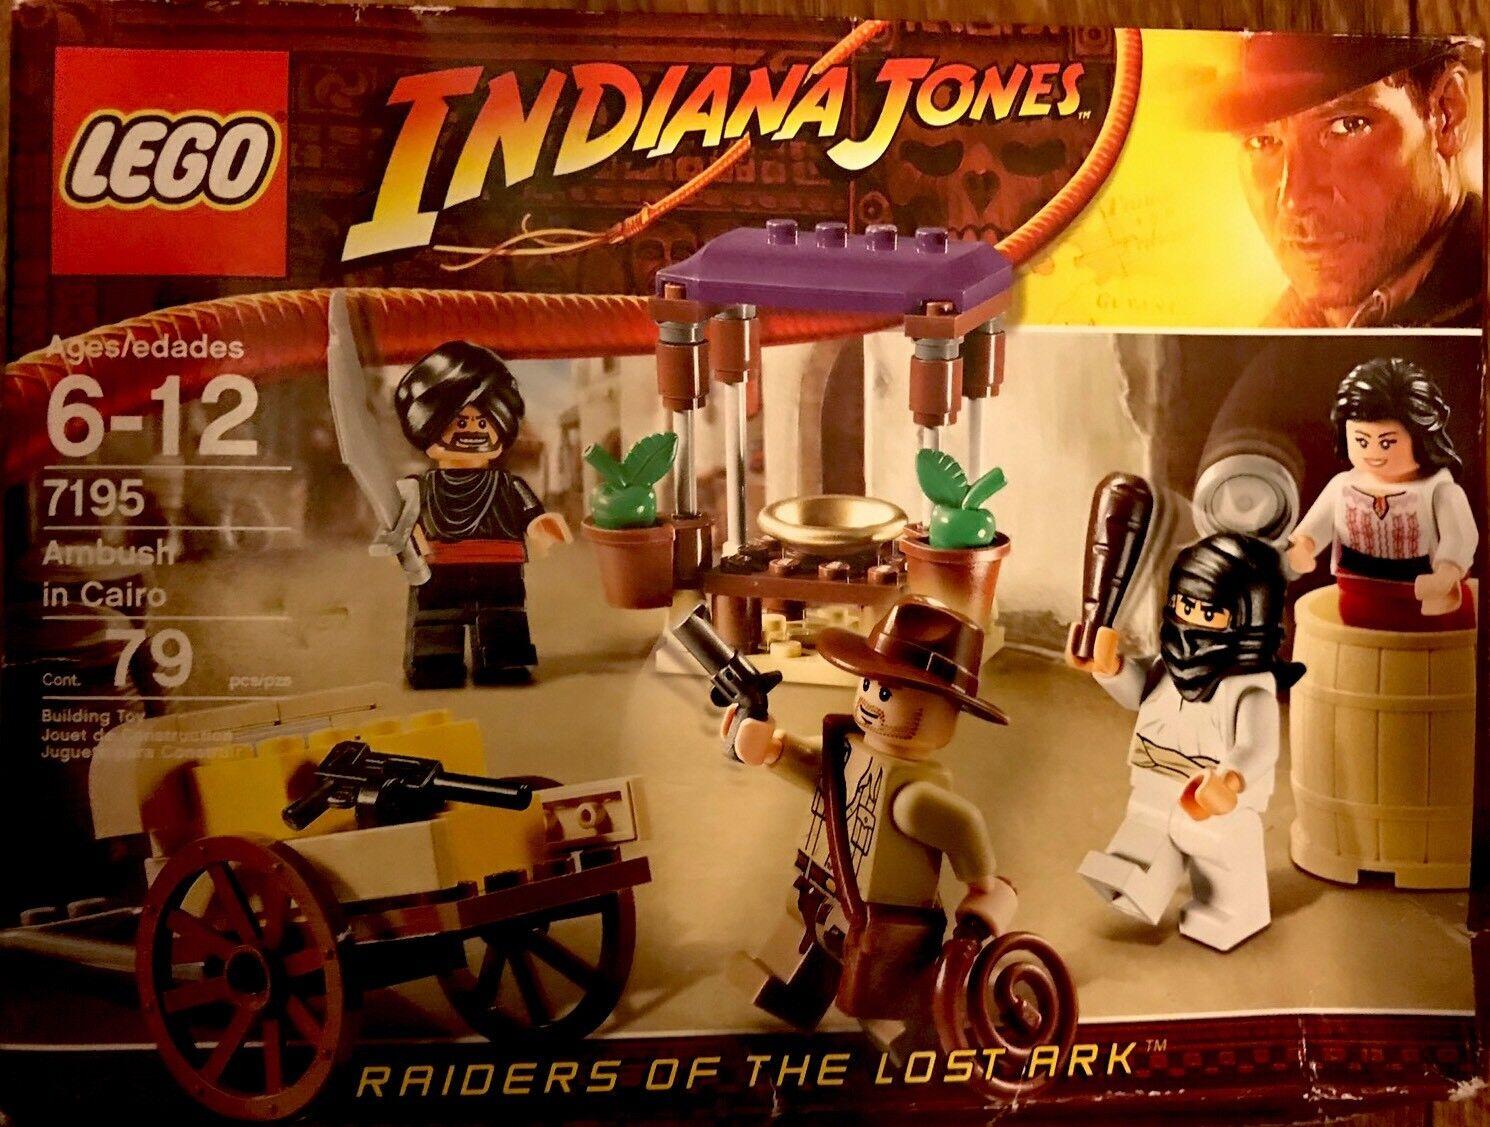 scelta migliore Indiana Jones™ LEGO Amautobush in Cairo (Marketplace Chase) 7195 RETIrosso RETIrosso RETIrosso SET  miglior servizio